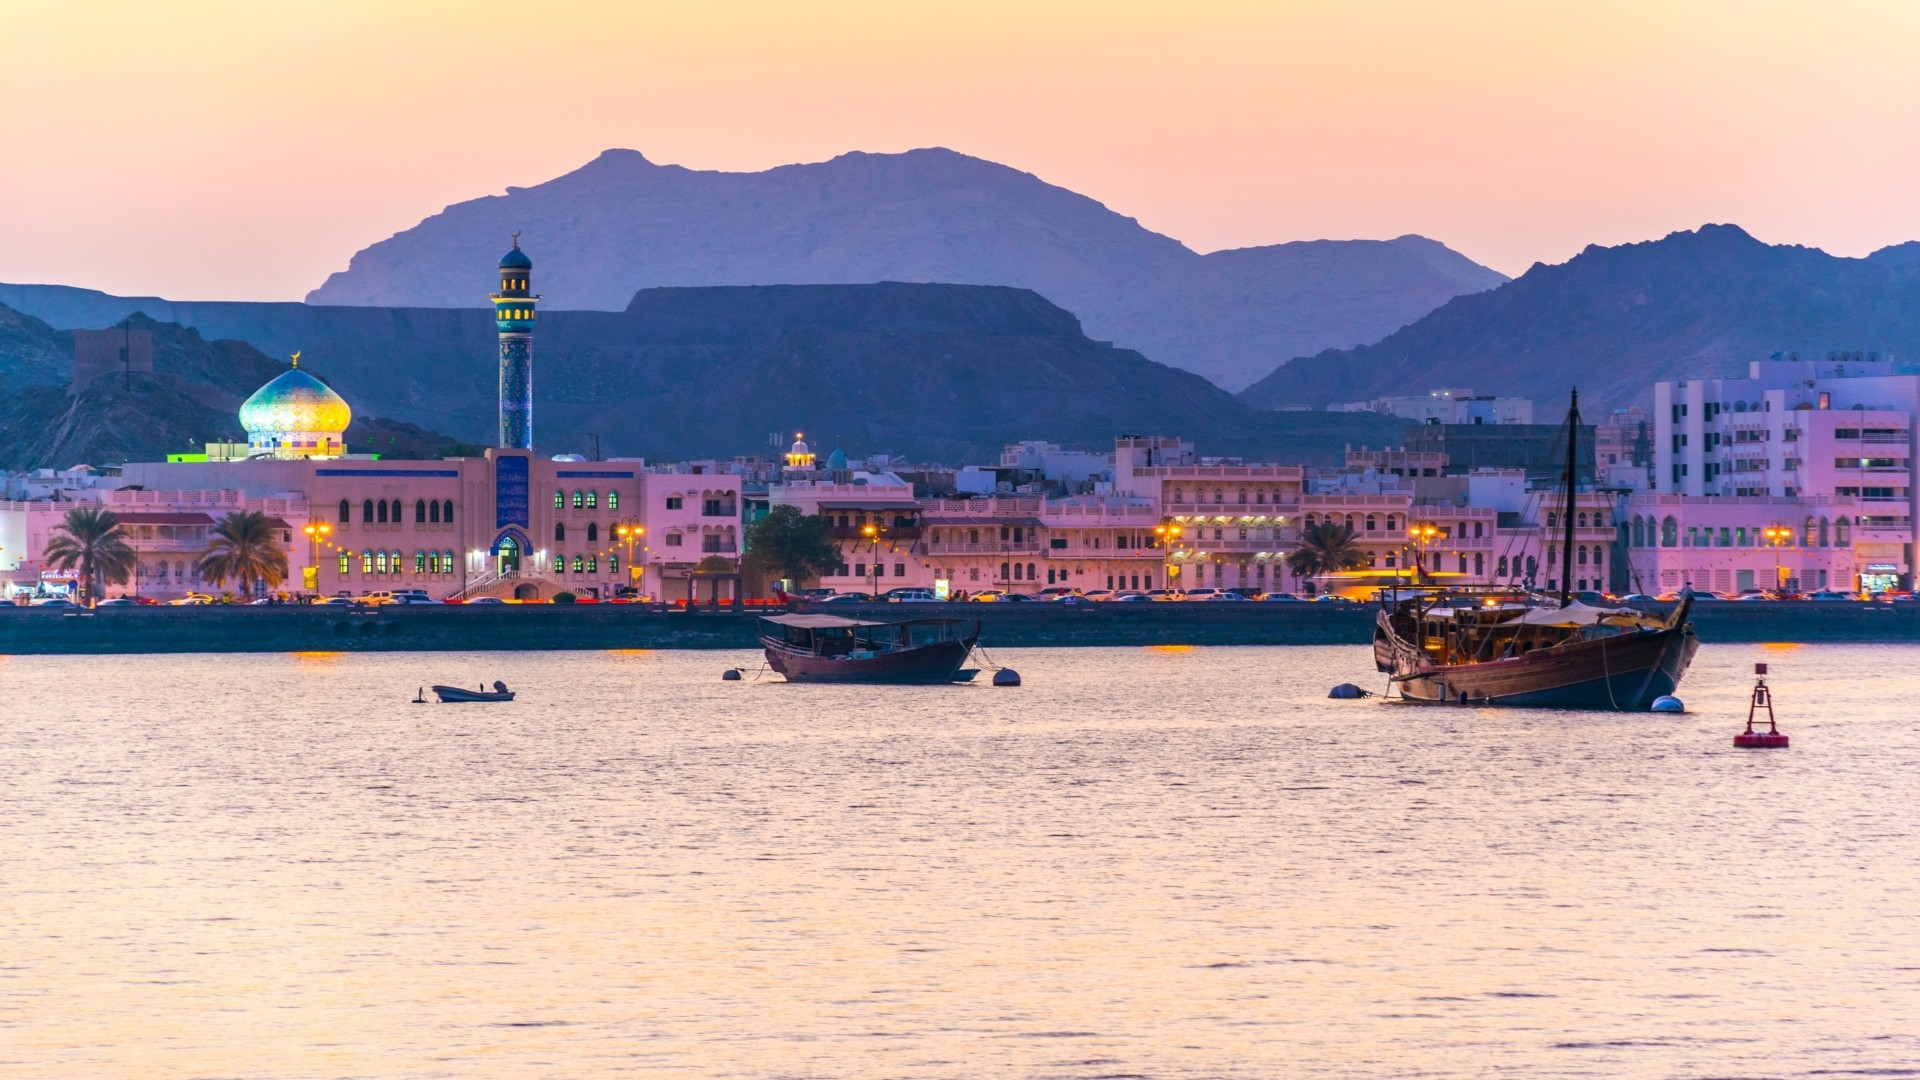 Uitzicht op de kustlijn van de wijk Muttrah in Muscat tijdens zonsondergang, Muscat, Oman